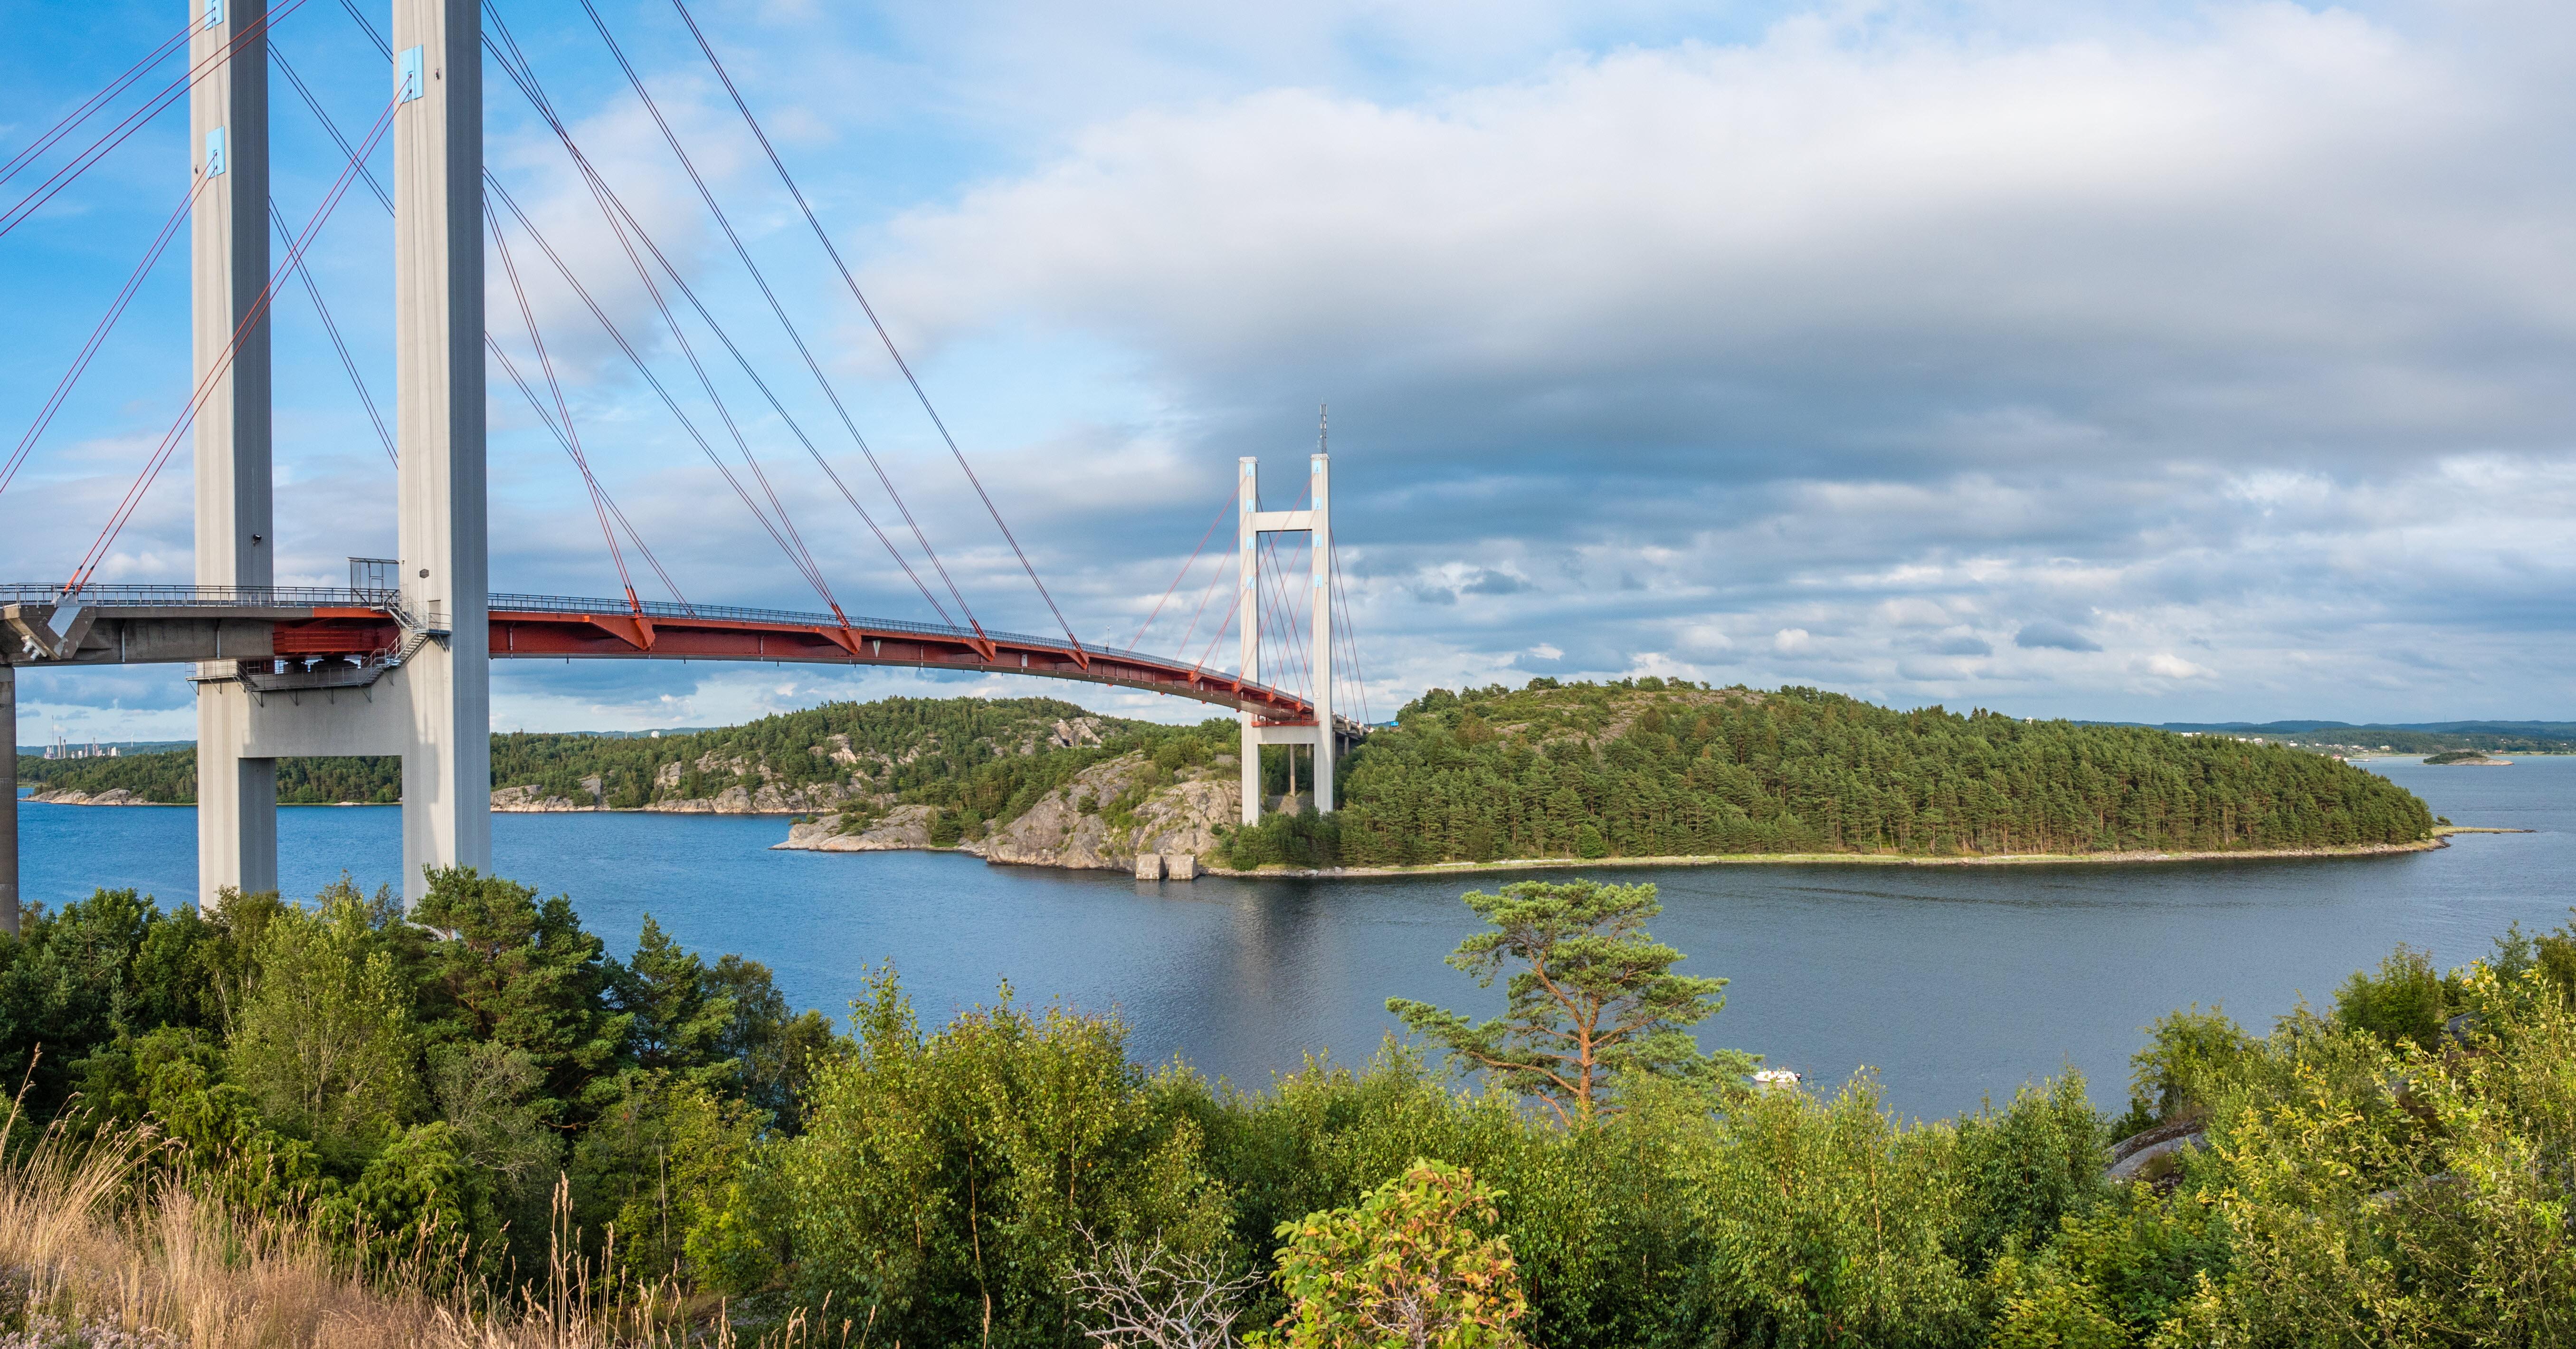 Att gra p Tjrn: sommarsemester i Sverige - RESFREDAG